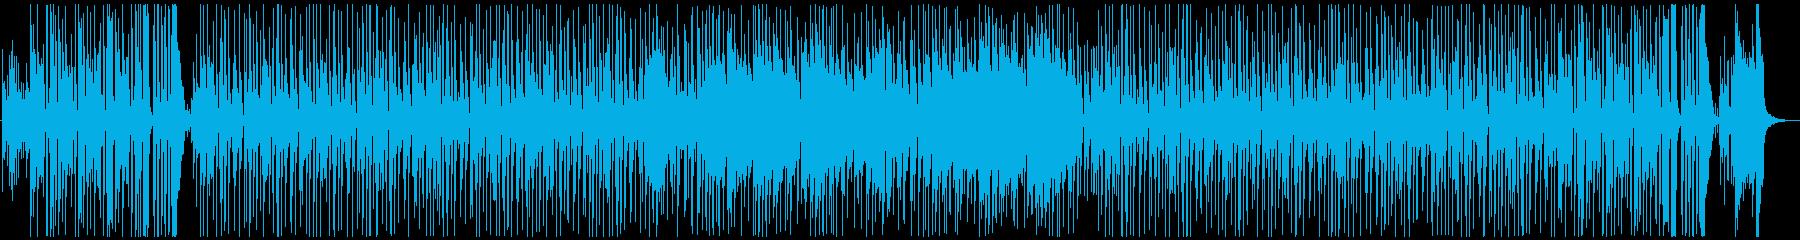 南洋的陽気なBGM。楽しい、踊りたくなるの再生済みの波形